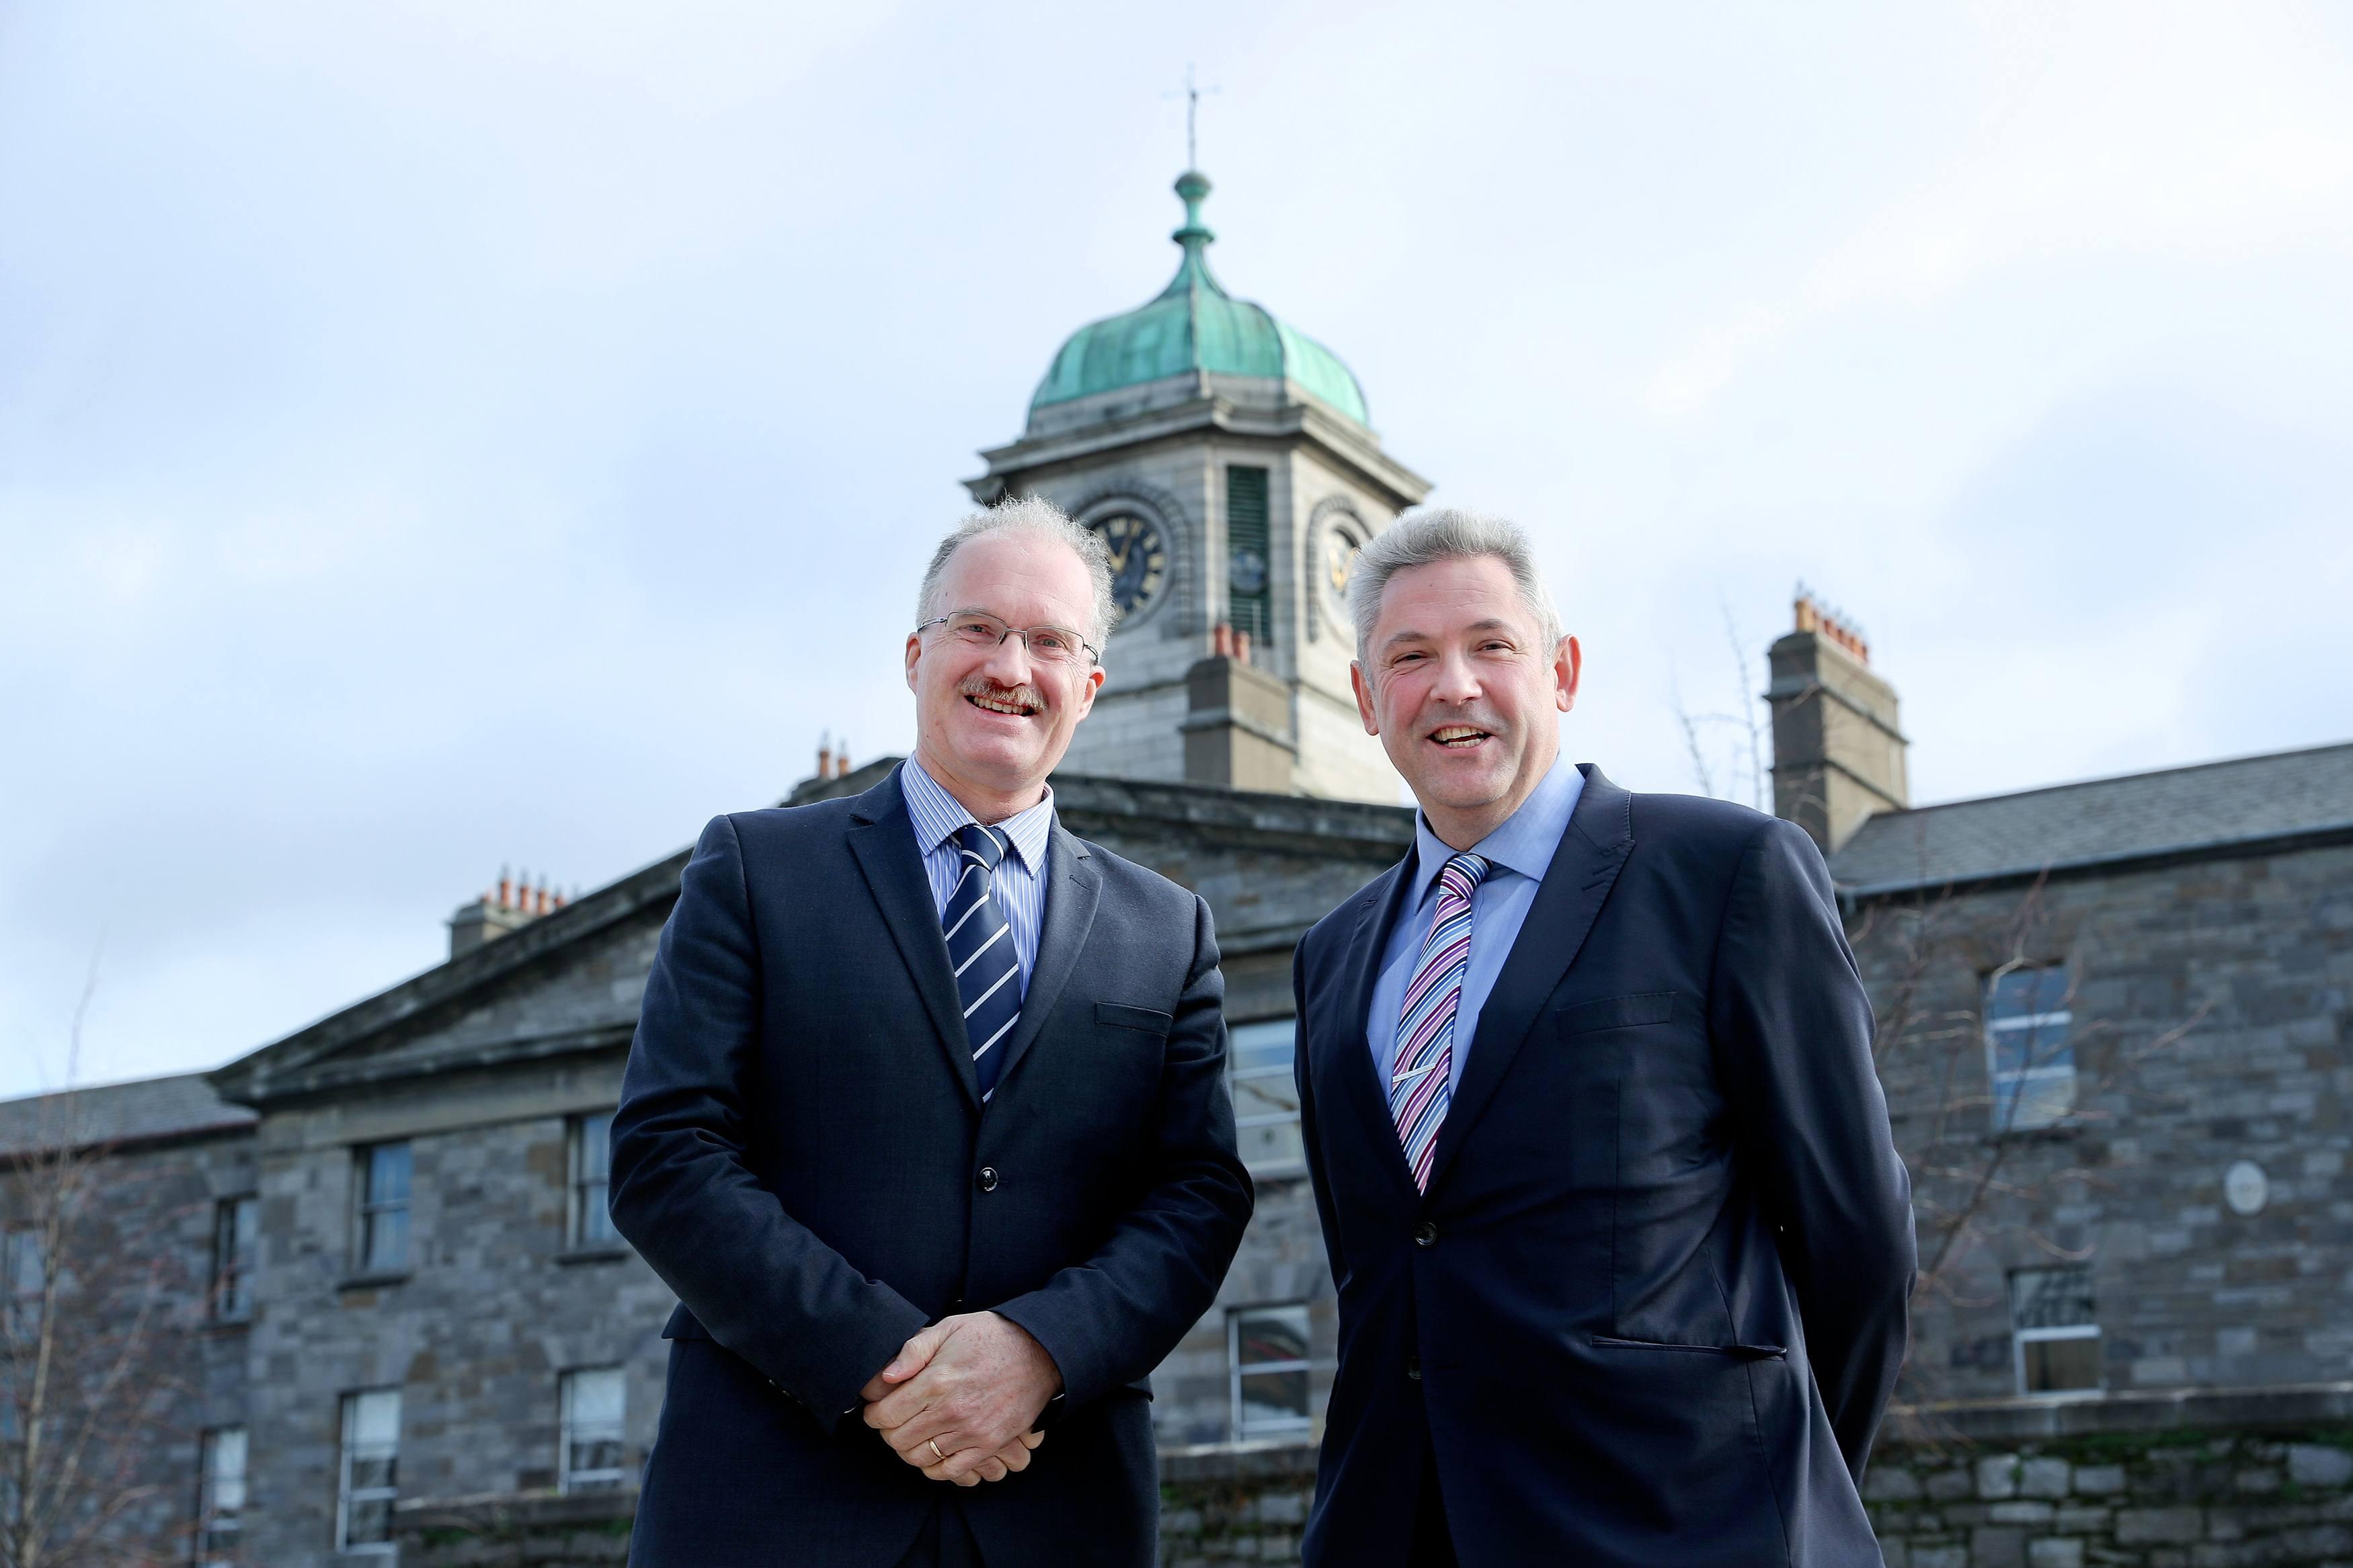 Bernie Capraro named Adjunct Professor at TU Dublin Image 1